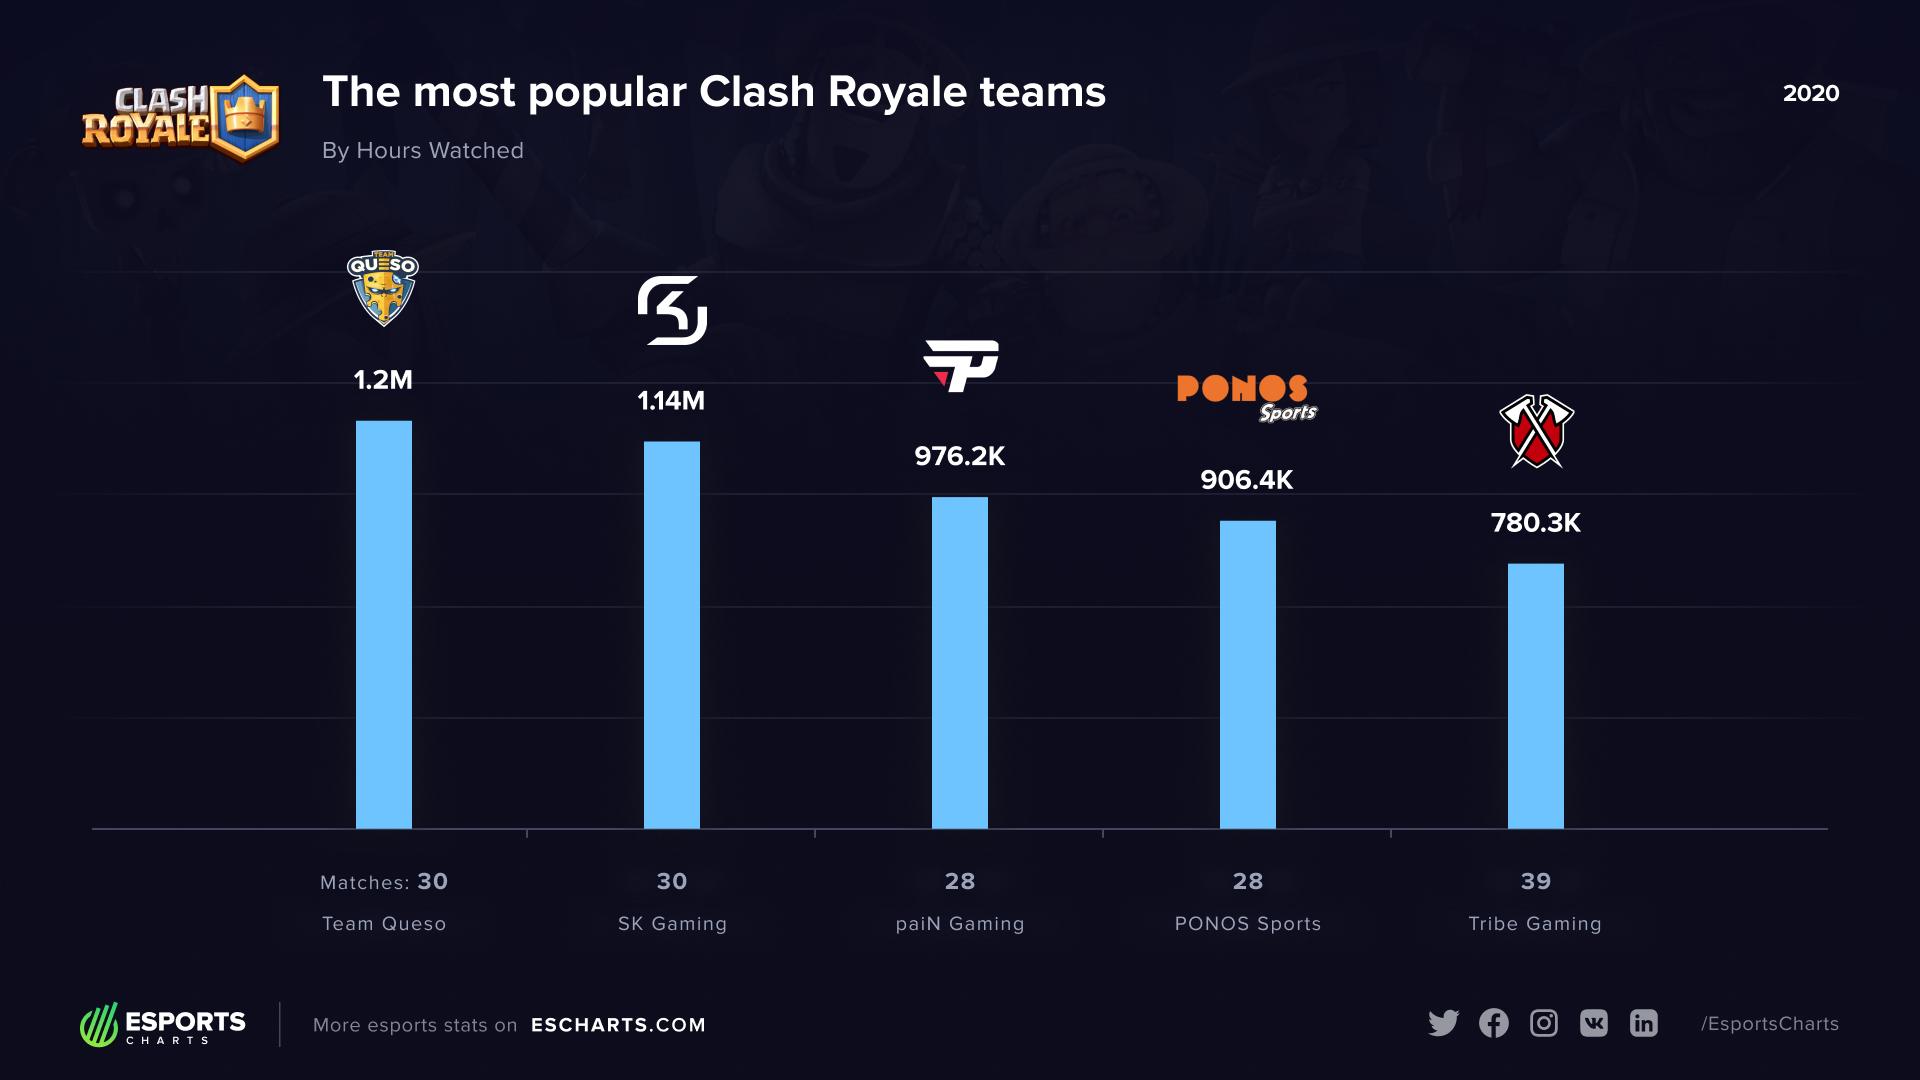 PaiN foi a terceira equipe mais popular no Clash Royale em 2020